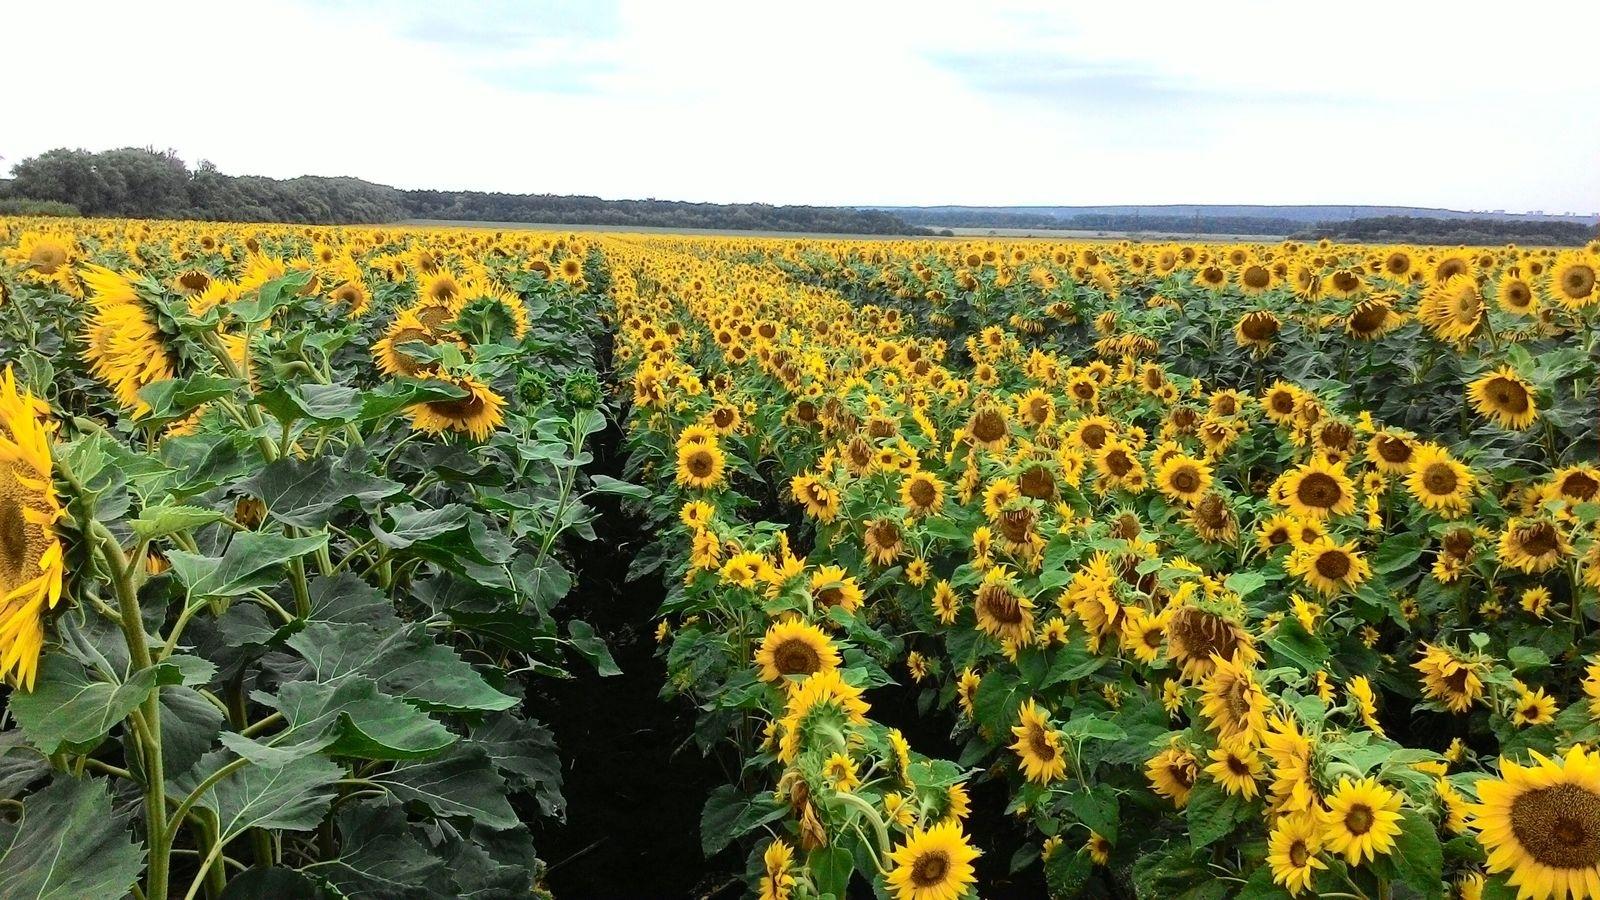 Висока врожайність, яка забезпечує прибуток